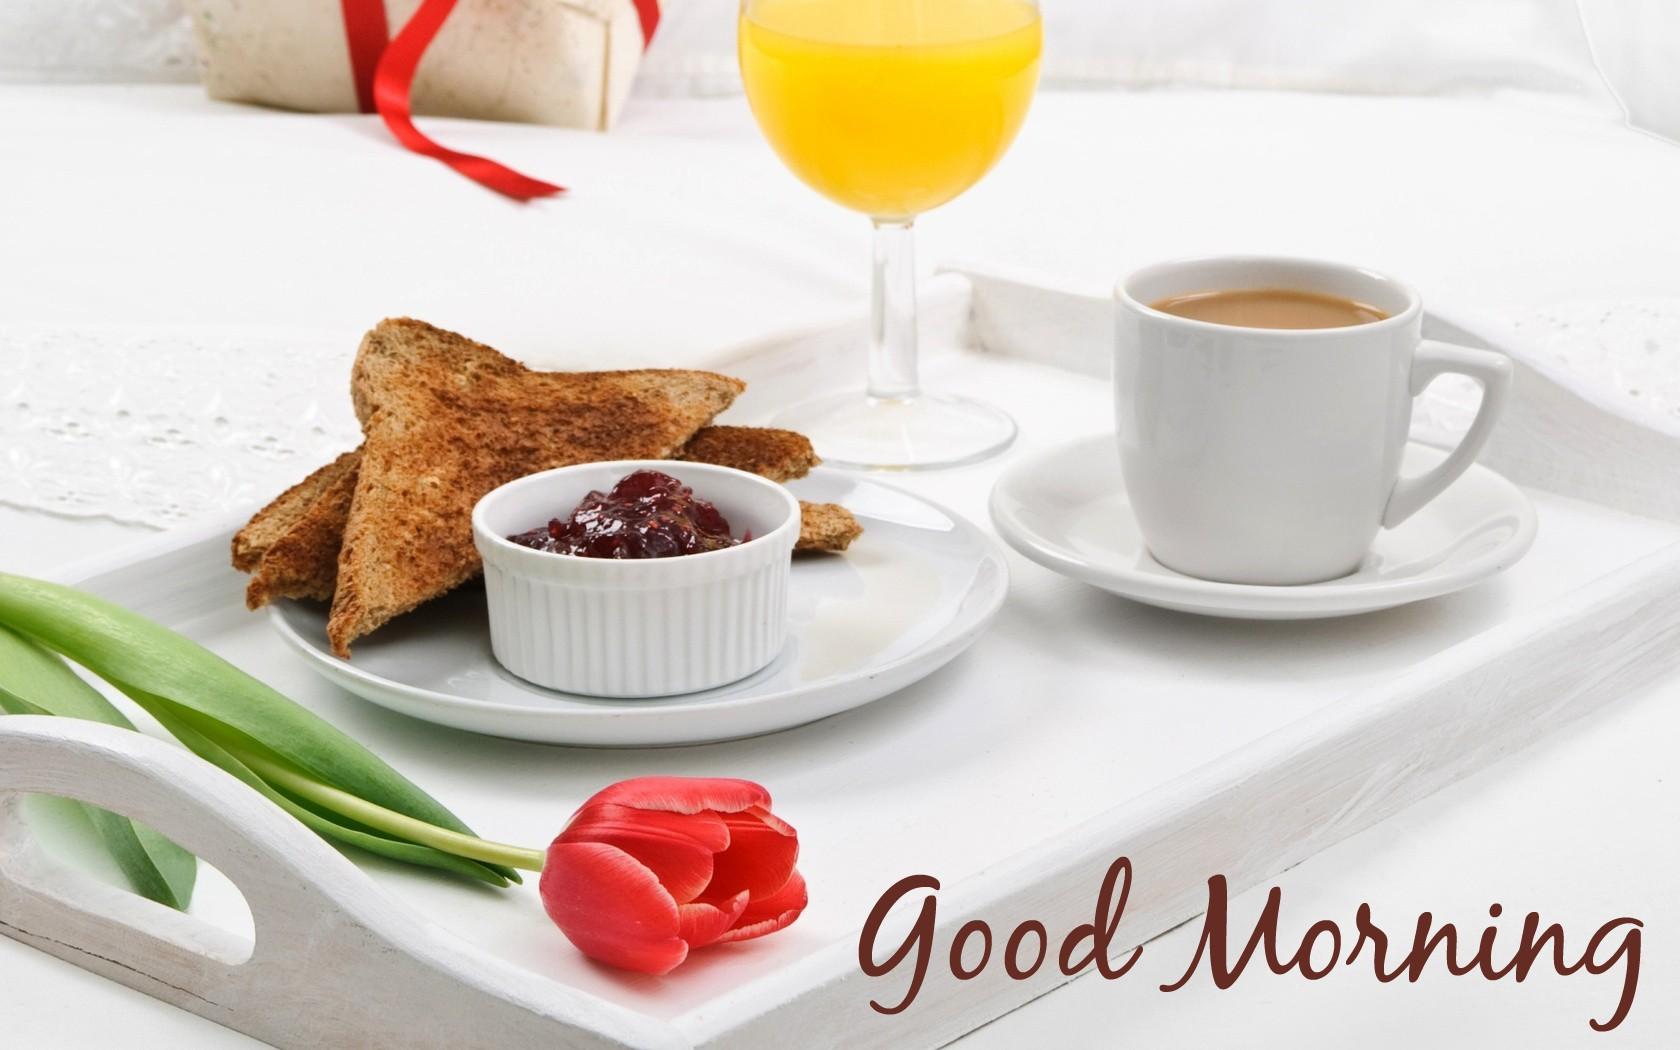 بالصور رسائل حب صباحية , الحب واجمل الرسائل بين الحبيبين فى الصباح 5510 7